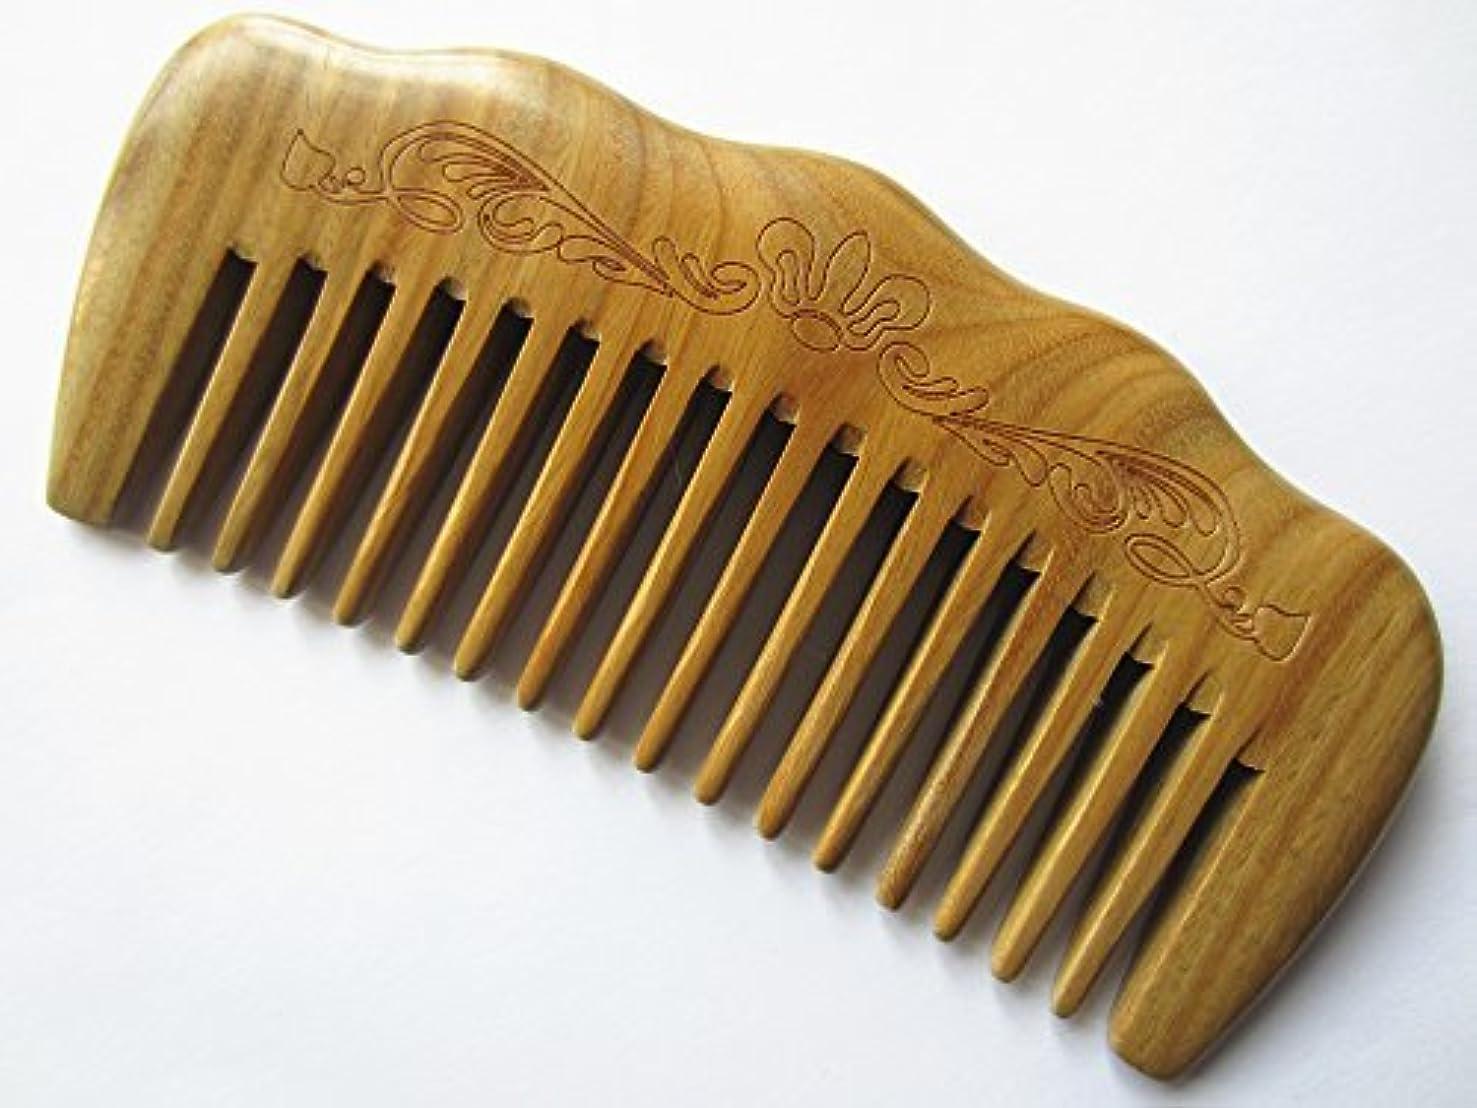 インターネットベーコン相対性理論Myhsmooth Gs-by-mt Wide Tooth Wood Handmade Natural Green Sandalwood No Static Comb with Aromatic Scent for Detangling...